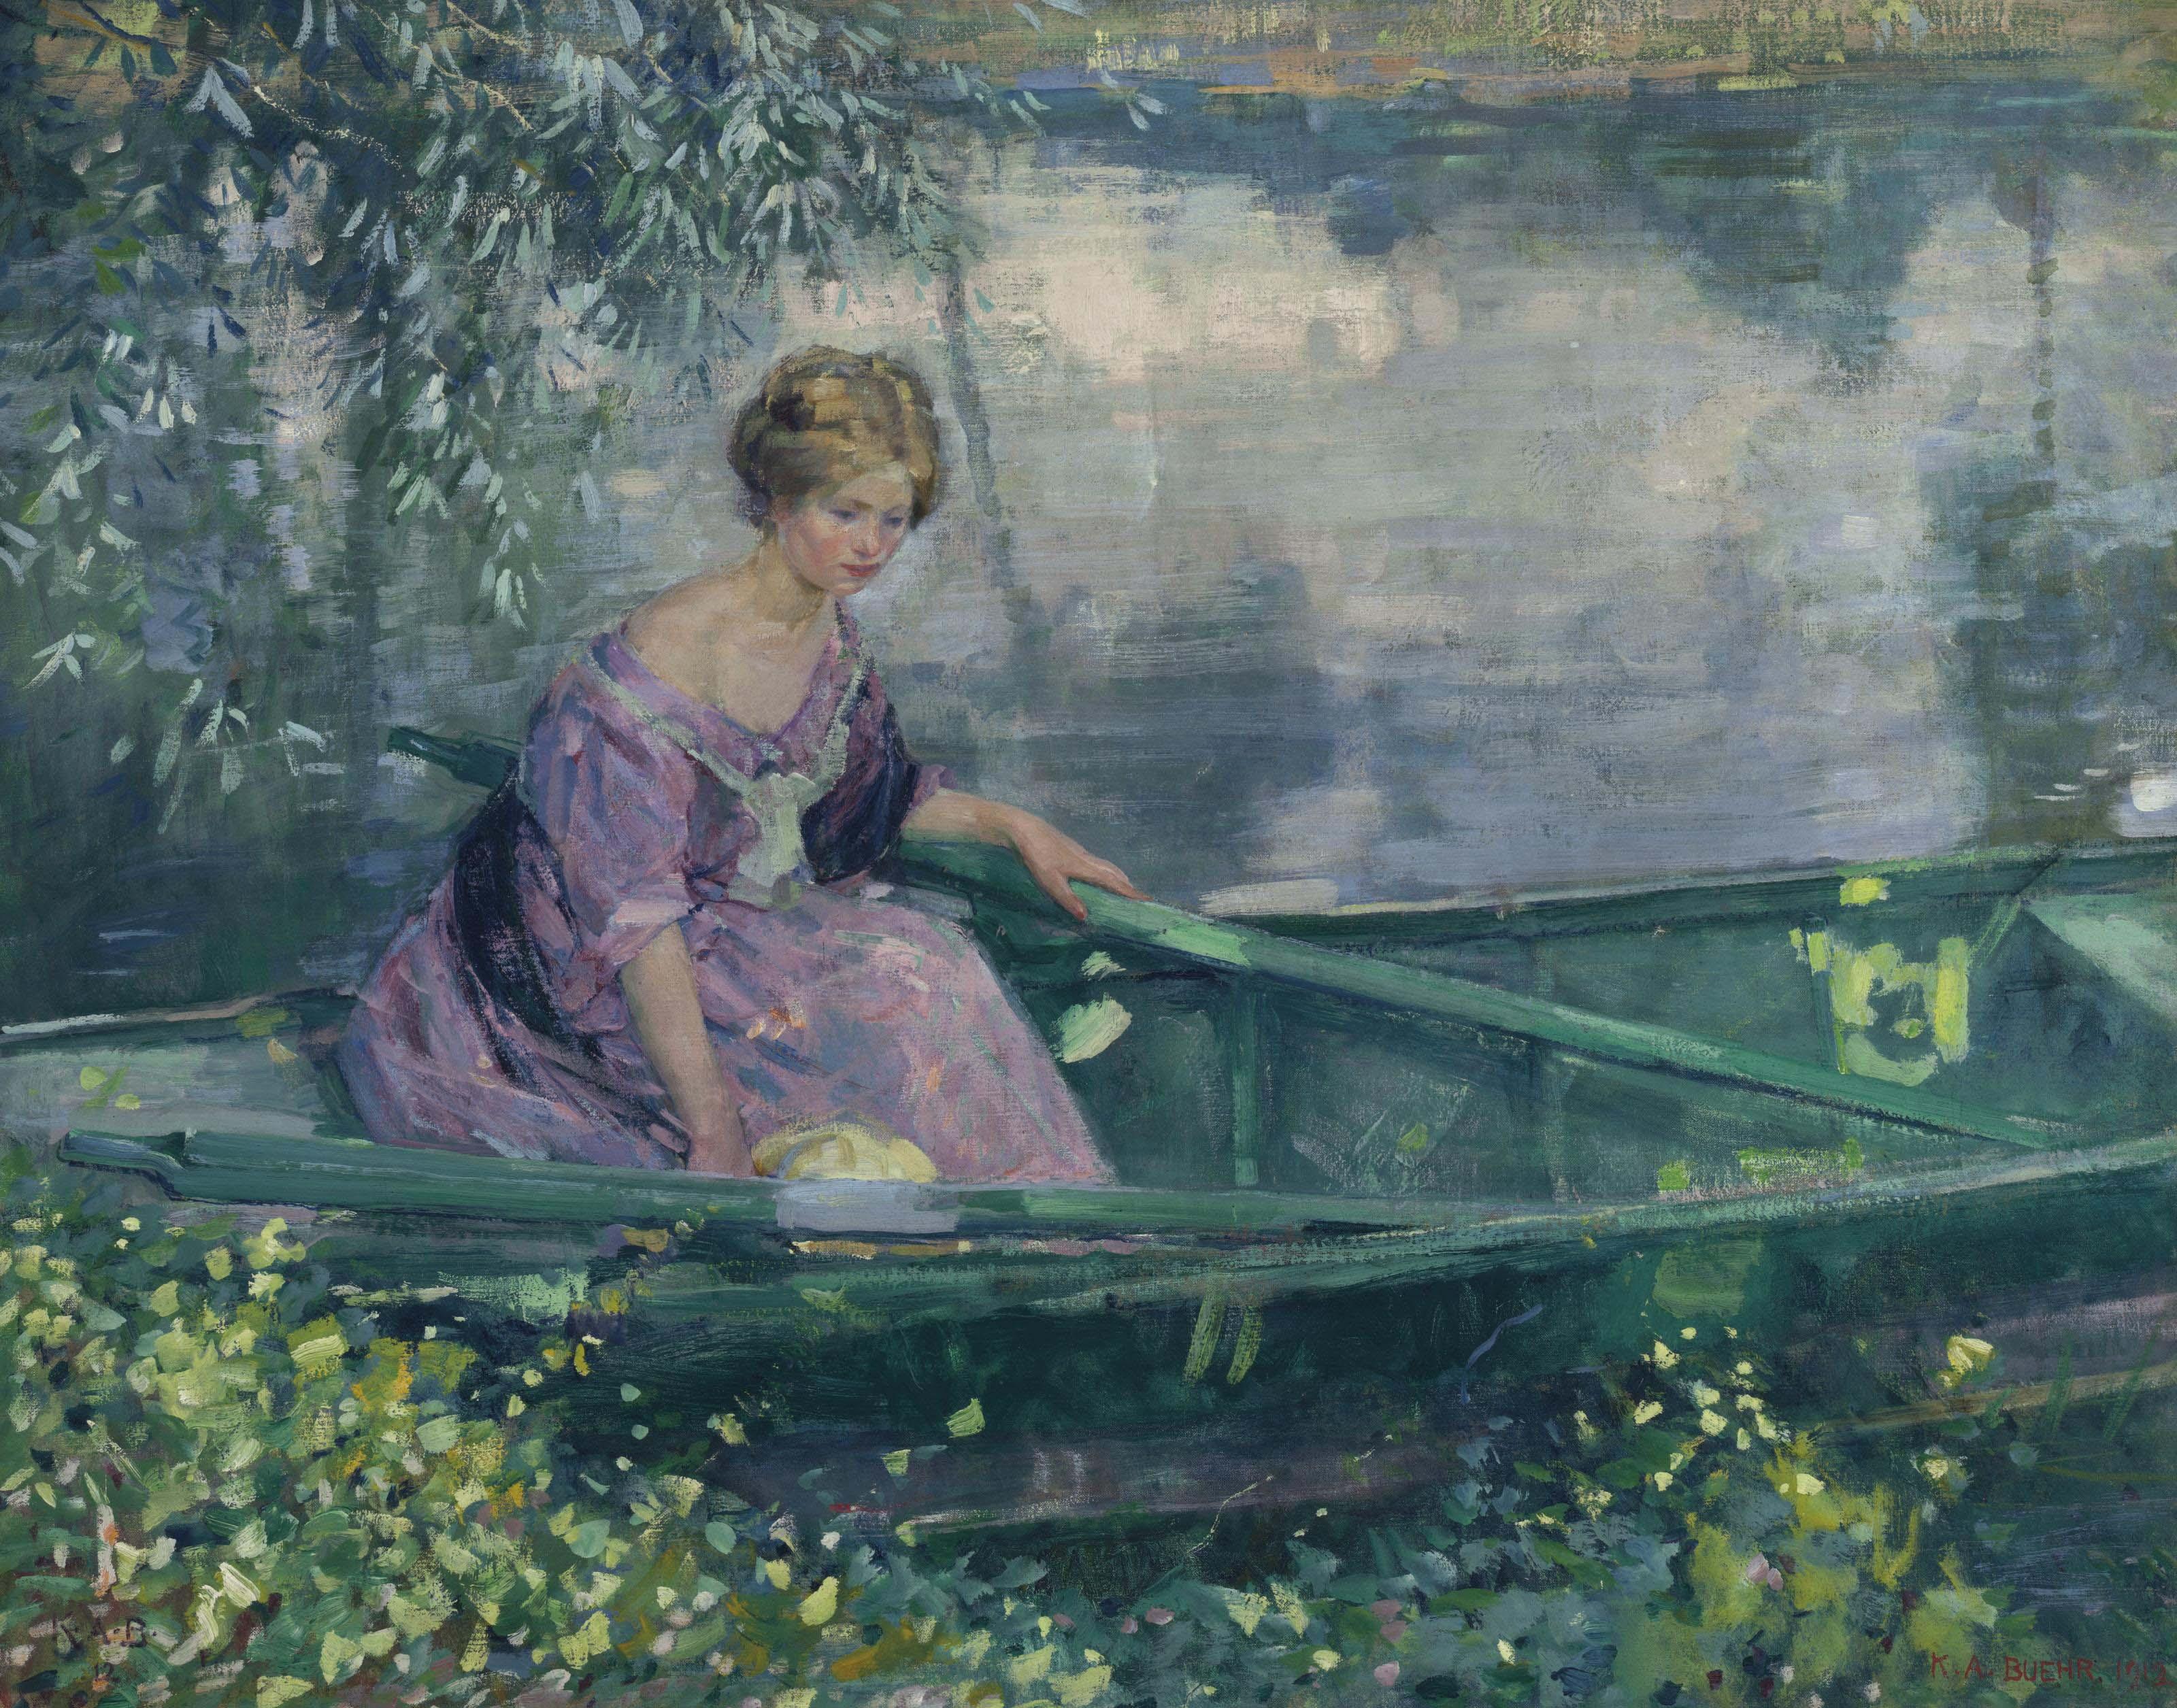 Jeune Fille dans une Barque